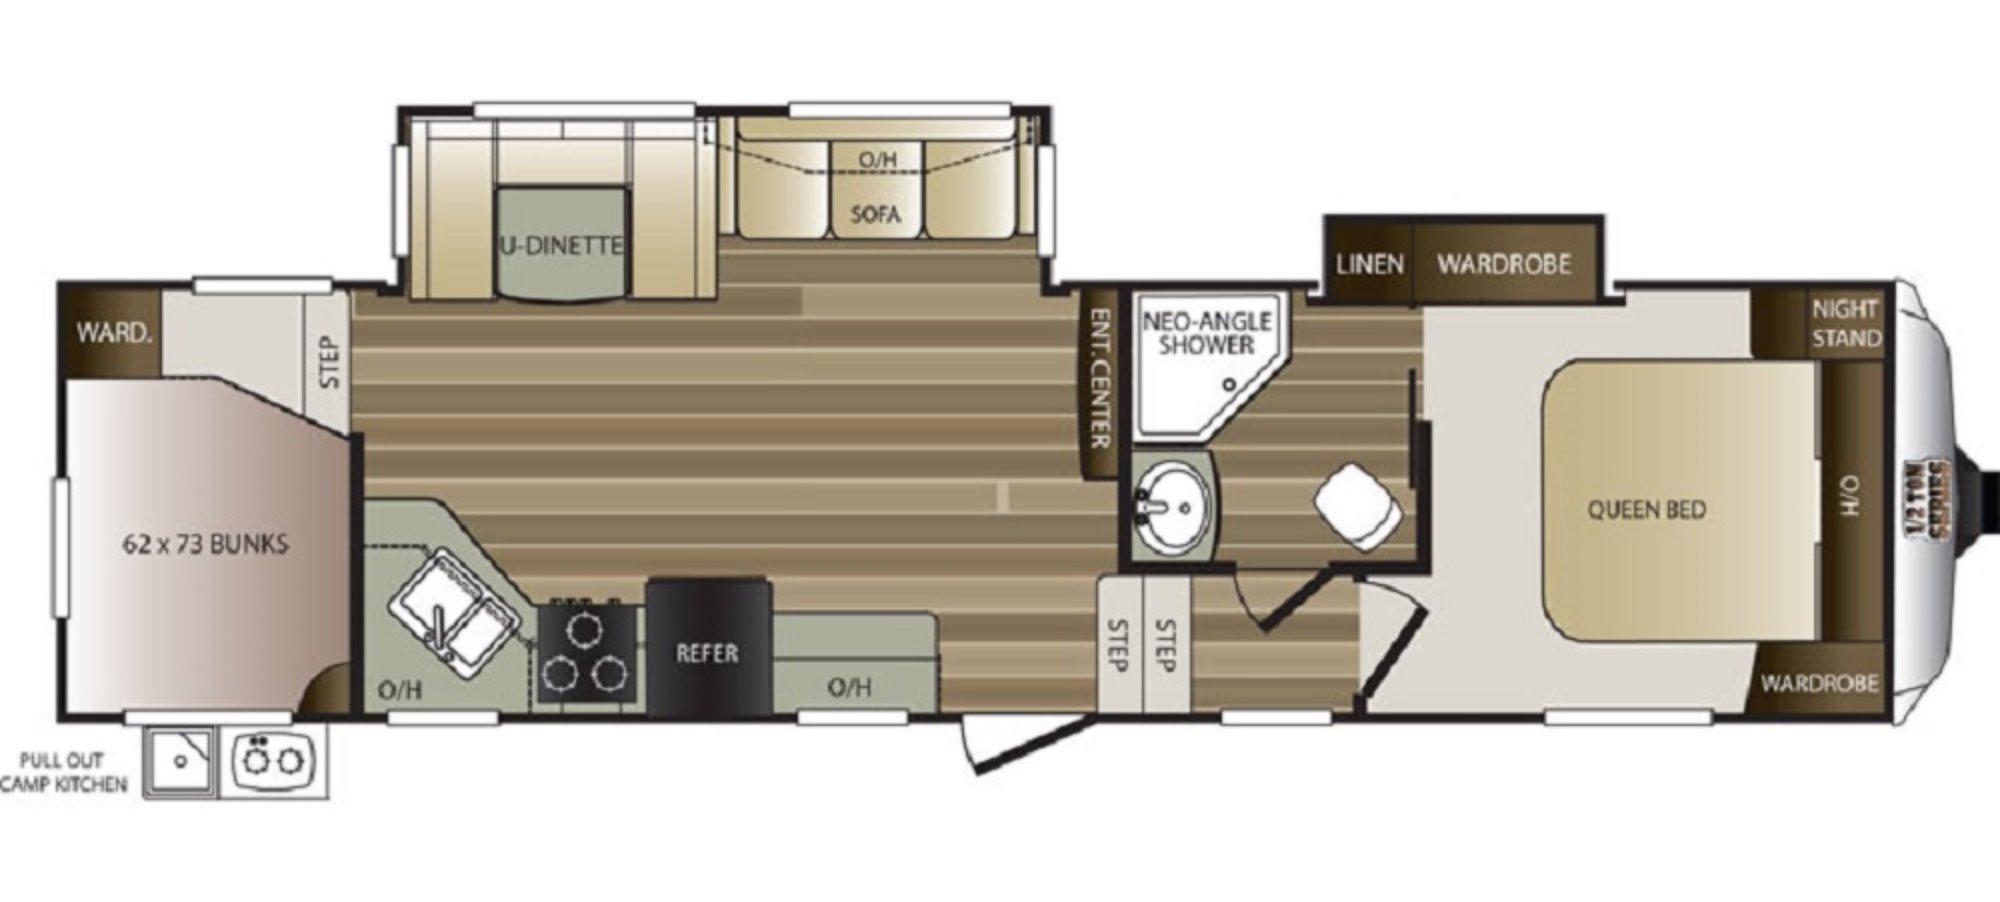 2017 Keystone Cougar 284rdbwe 1336535 on Keystone Bunkhouse Floor Plans